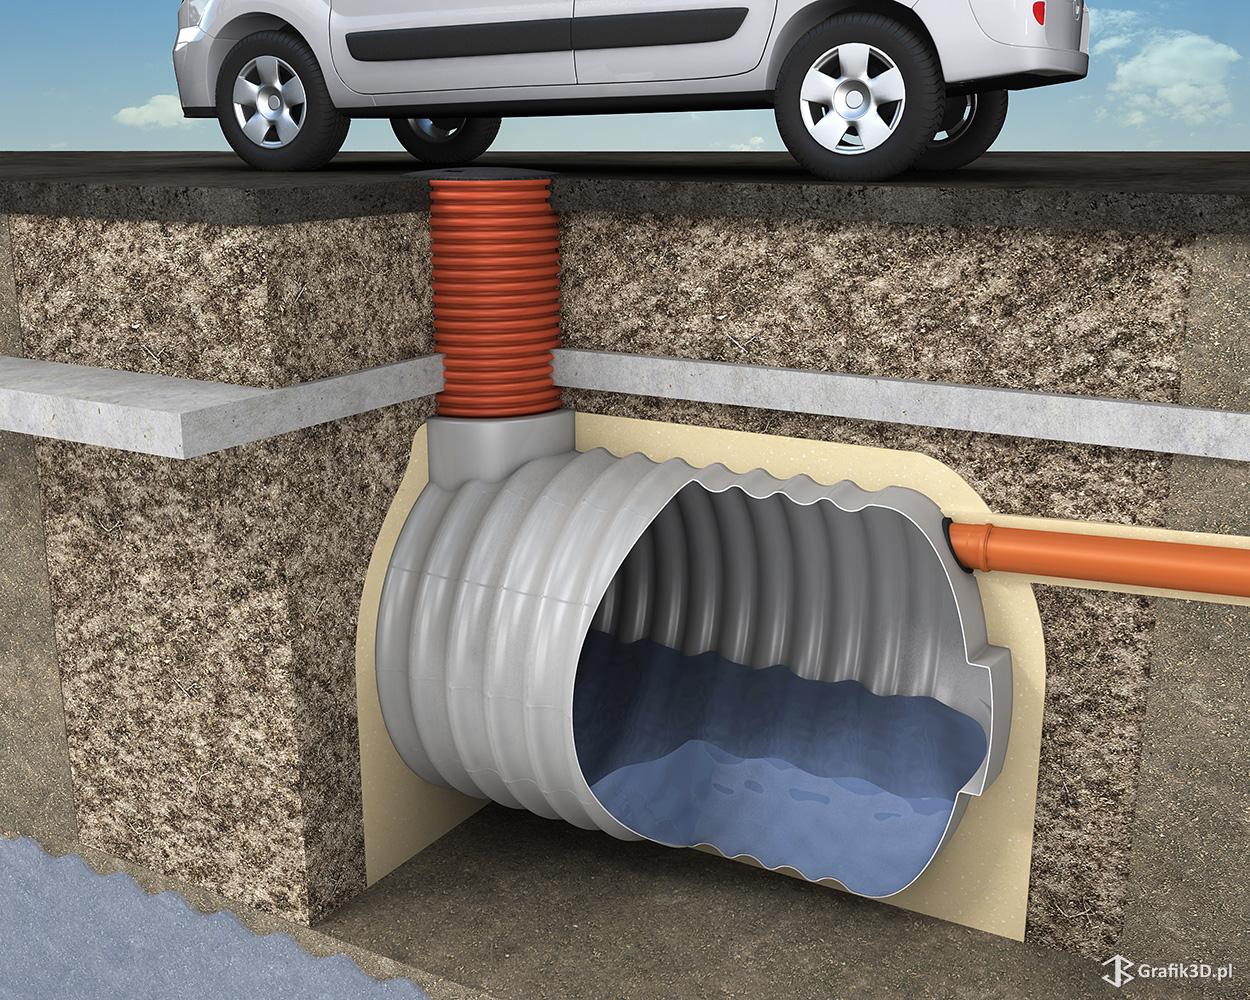 Przekrój 3d obraz montażu zbiornika na szambo pod parkingiem